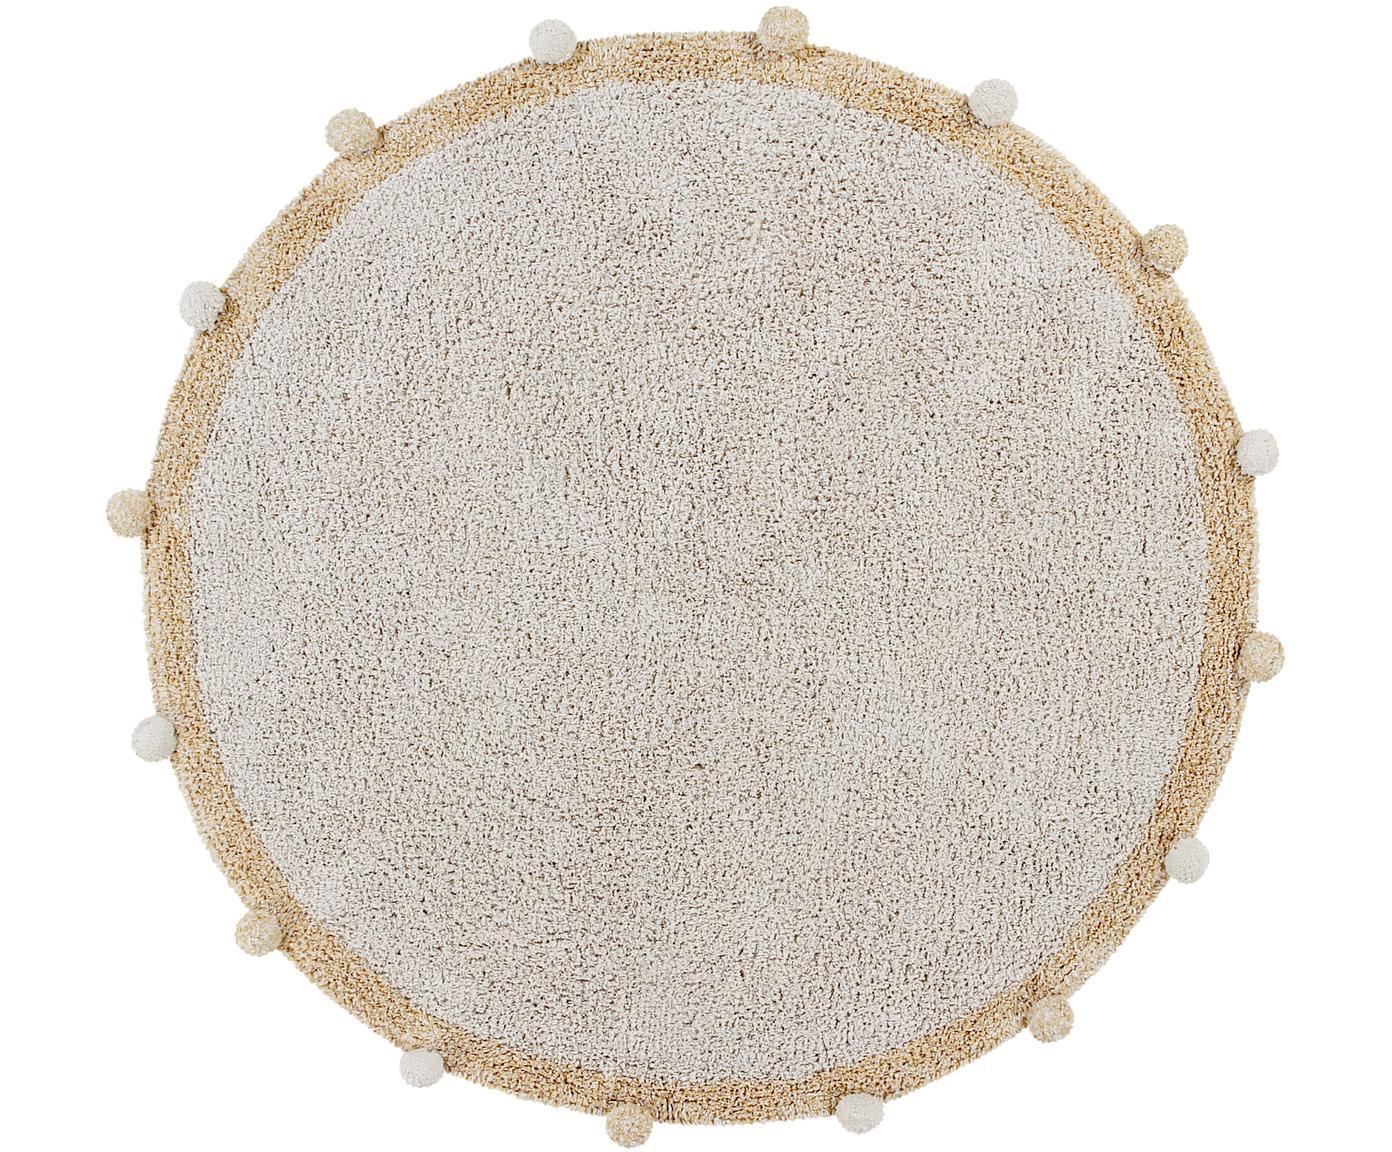 Alfombra redonda artesanal con pomopones Bubbly, Parte superior: 97%algodón reciclado, 3%, Reverso: algodón reciclado, Crema, amarillo, Ø 120 cm (Tamaño S)